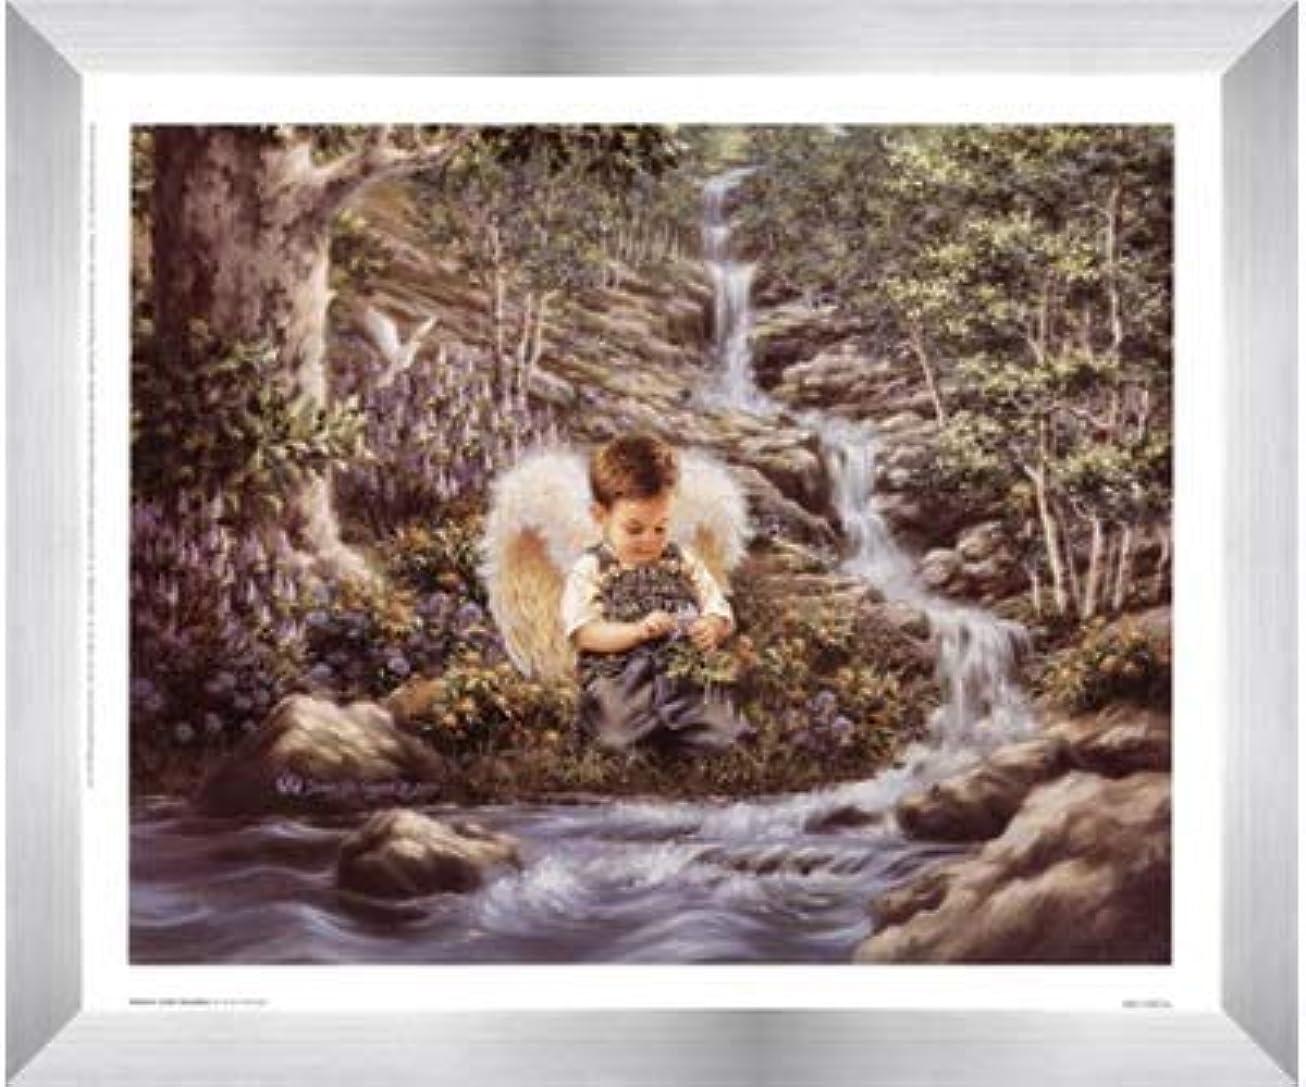 サロンエイズ石炭Nature 's Little Guardian By Dona Gelsinger?–?12?x 10インチ?–?アートプリントポスター LE_474489-F9935-12x10